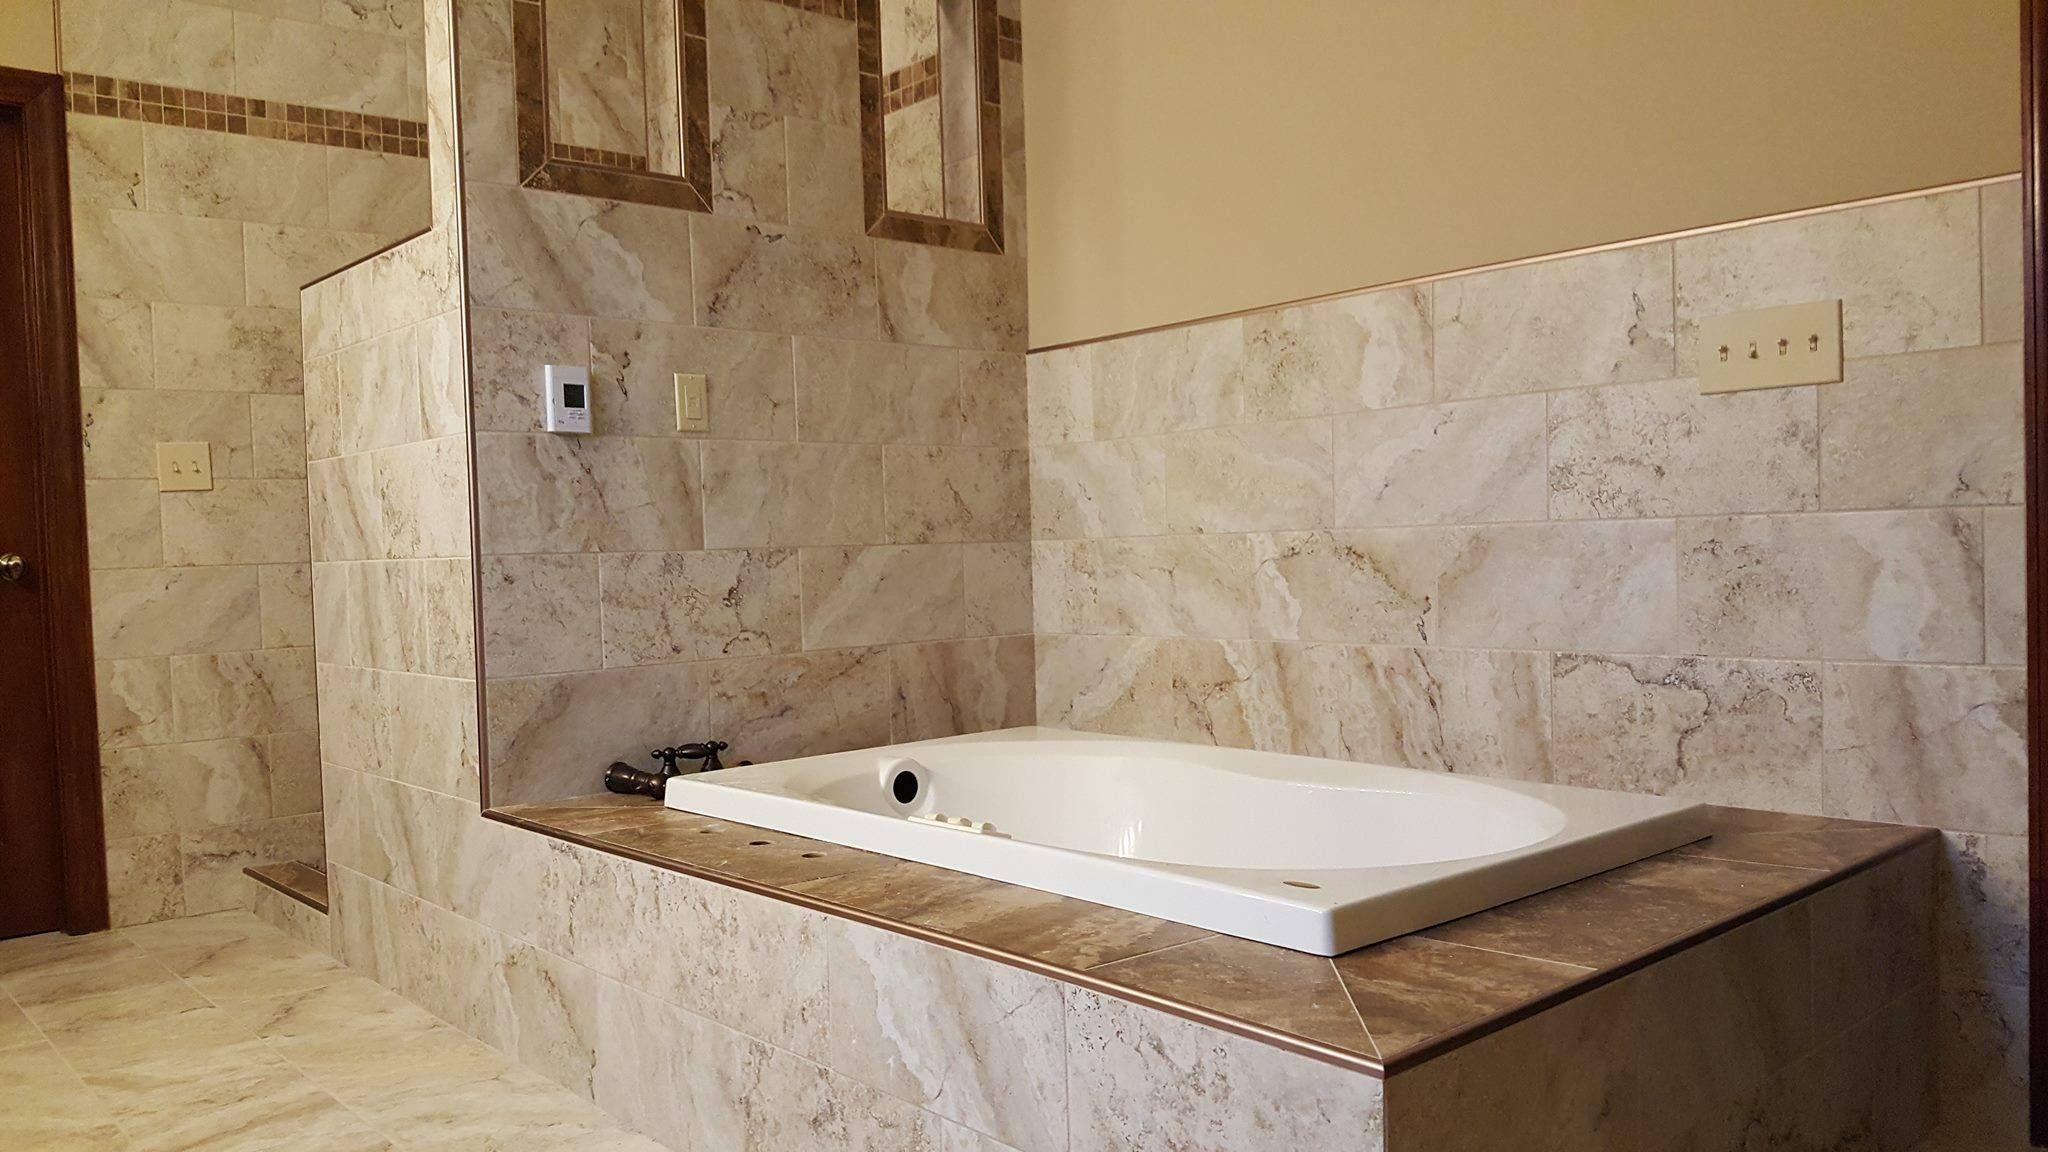 Kerdi Board Tub Deck Schluter Trim Bathtubs Tub